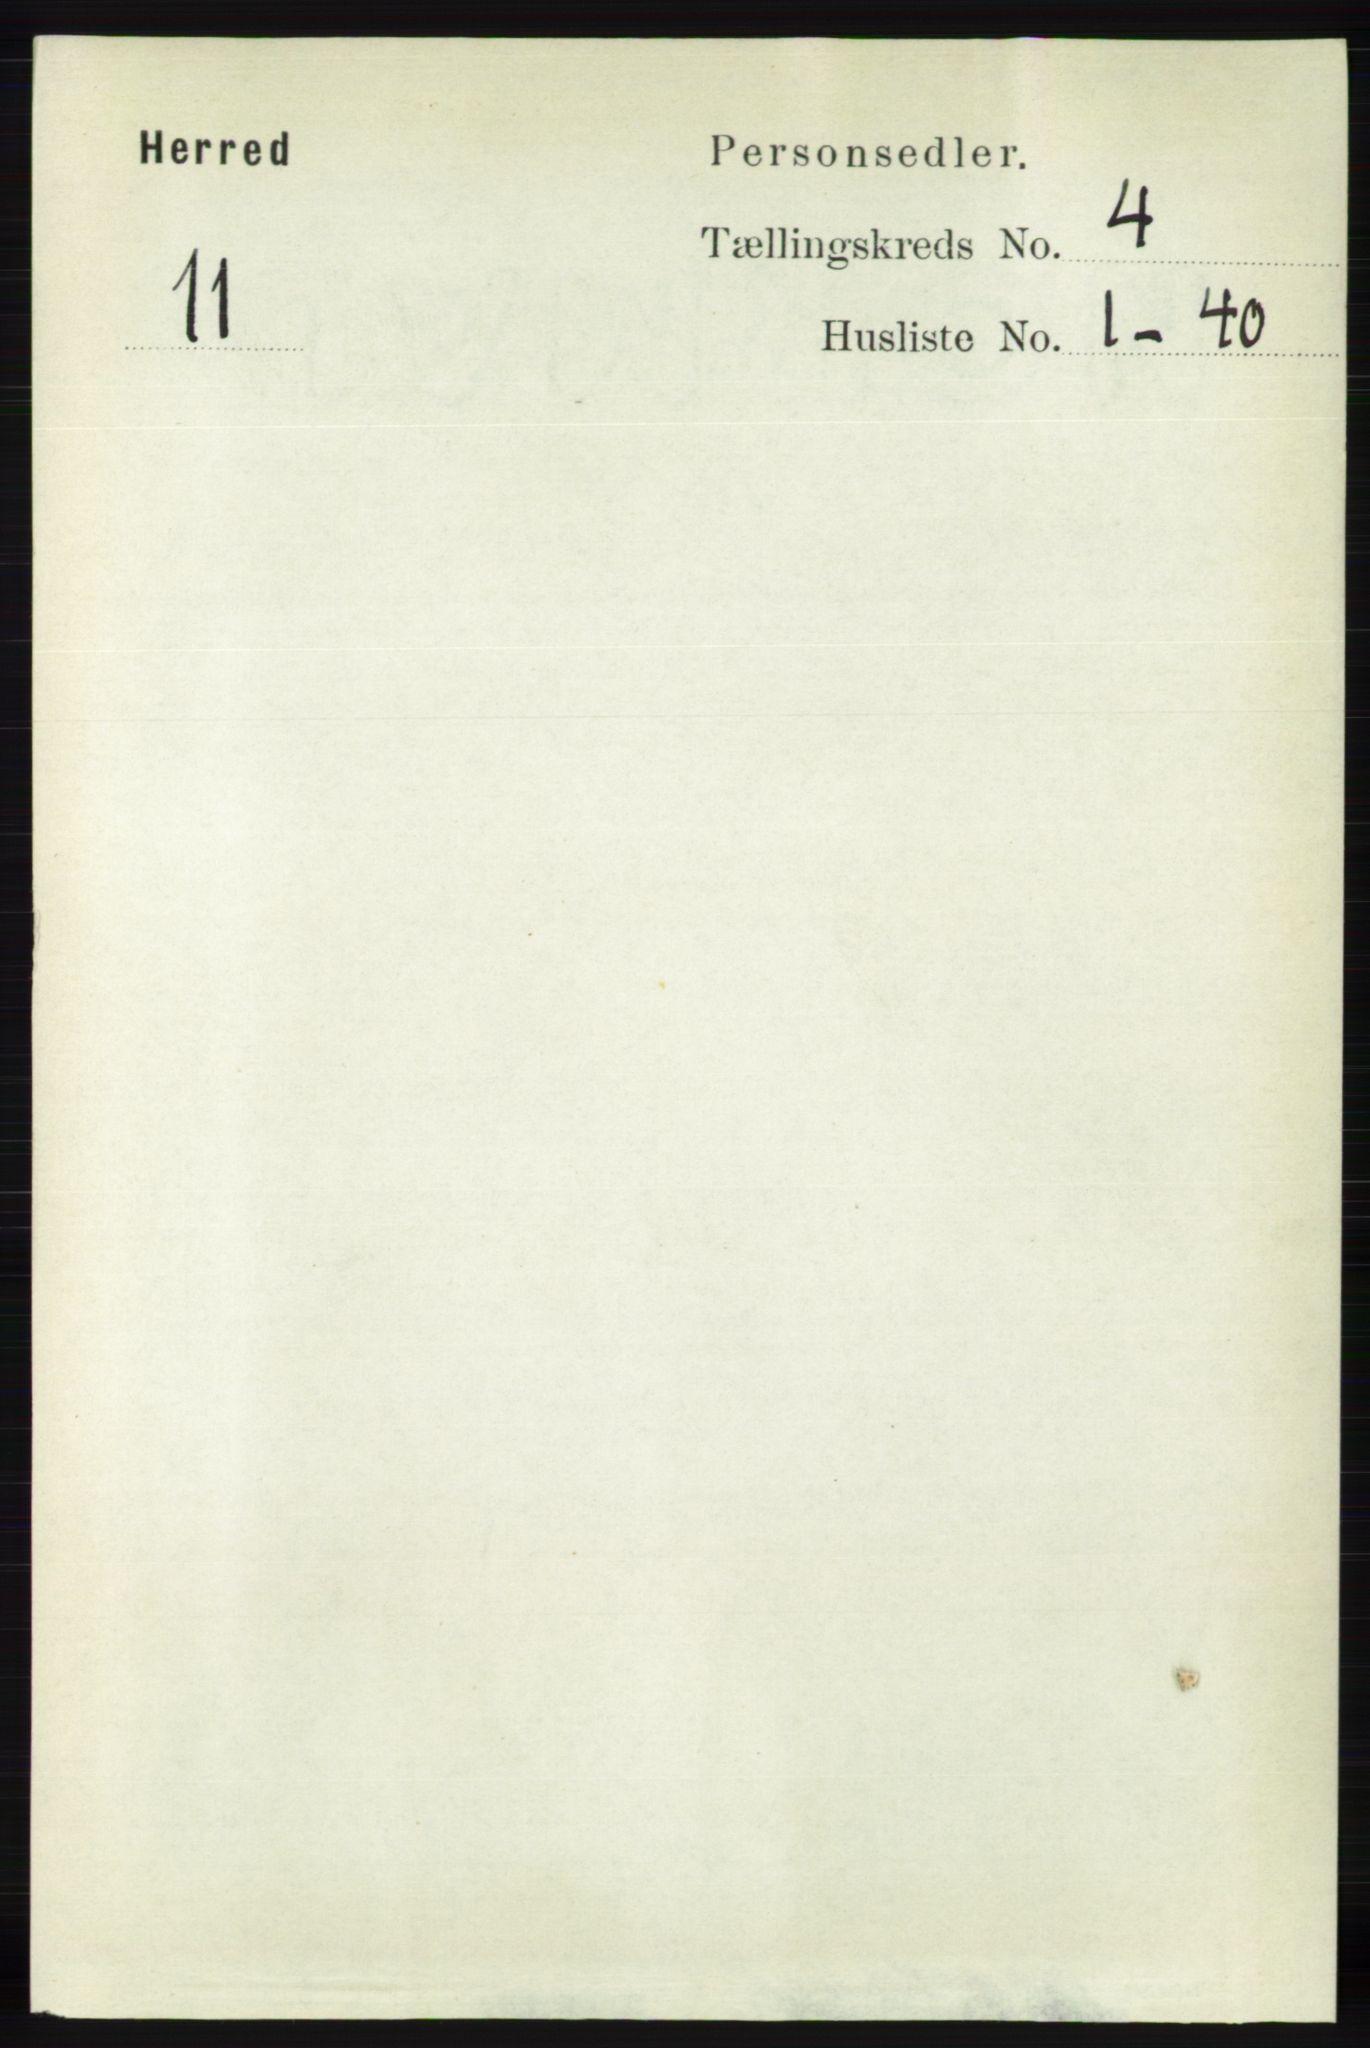 RA, Folketelling 1891 for 1039 Herad herred, 1891, s. 1418